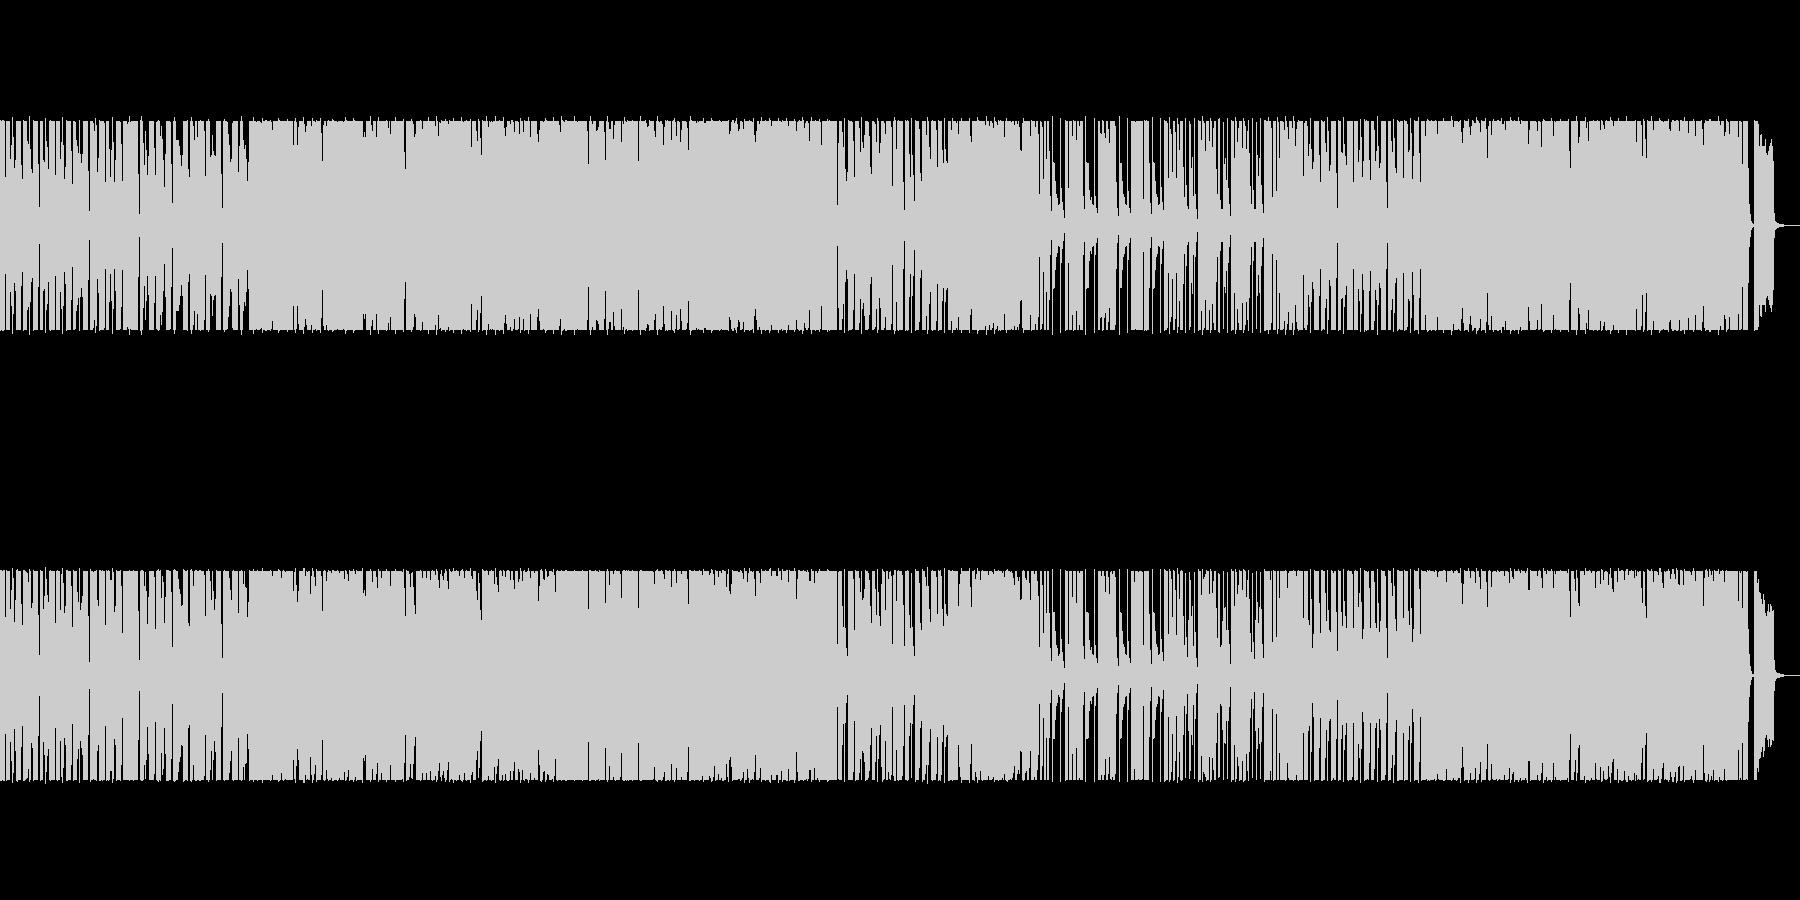 軽快でワクワクするかわいパズルエレクトロの未再生の波形